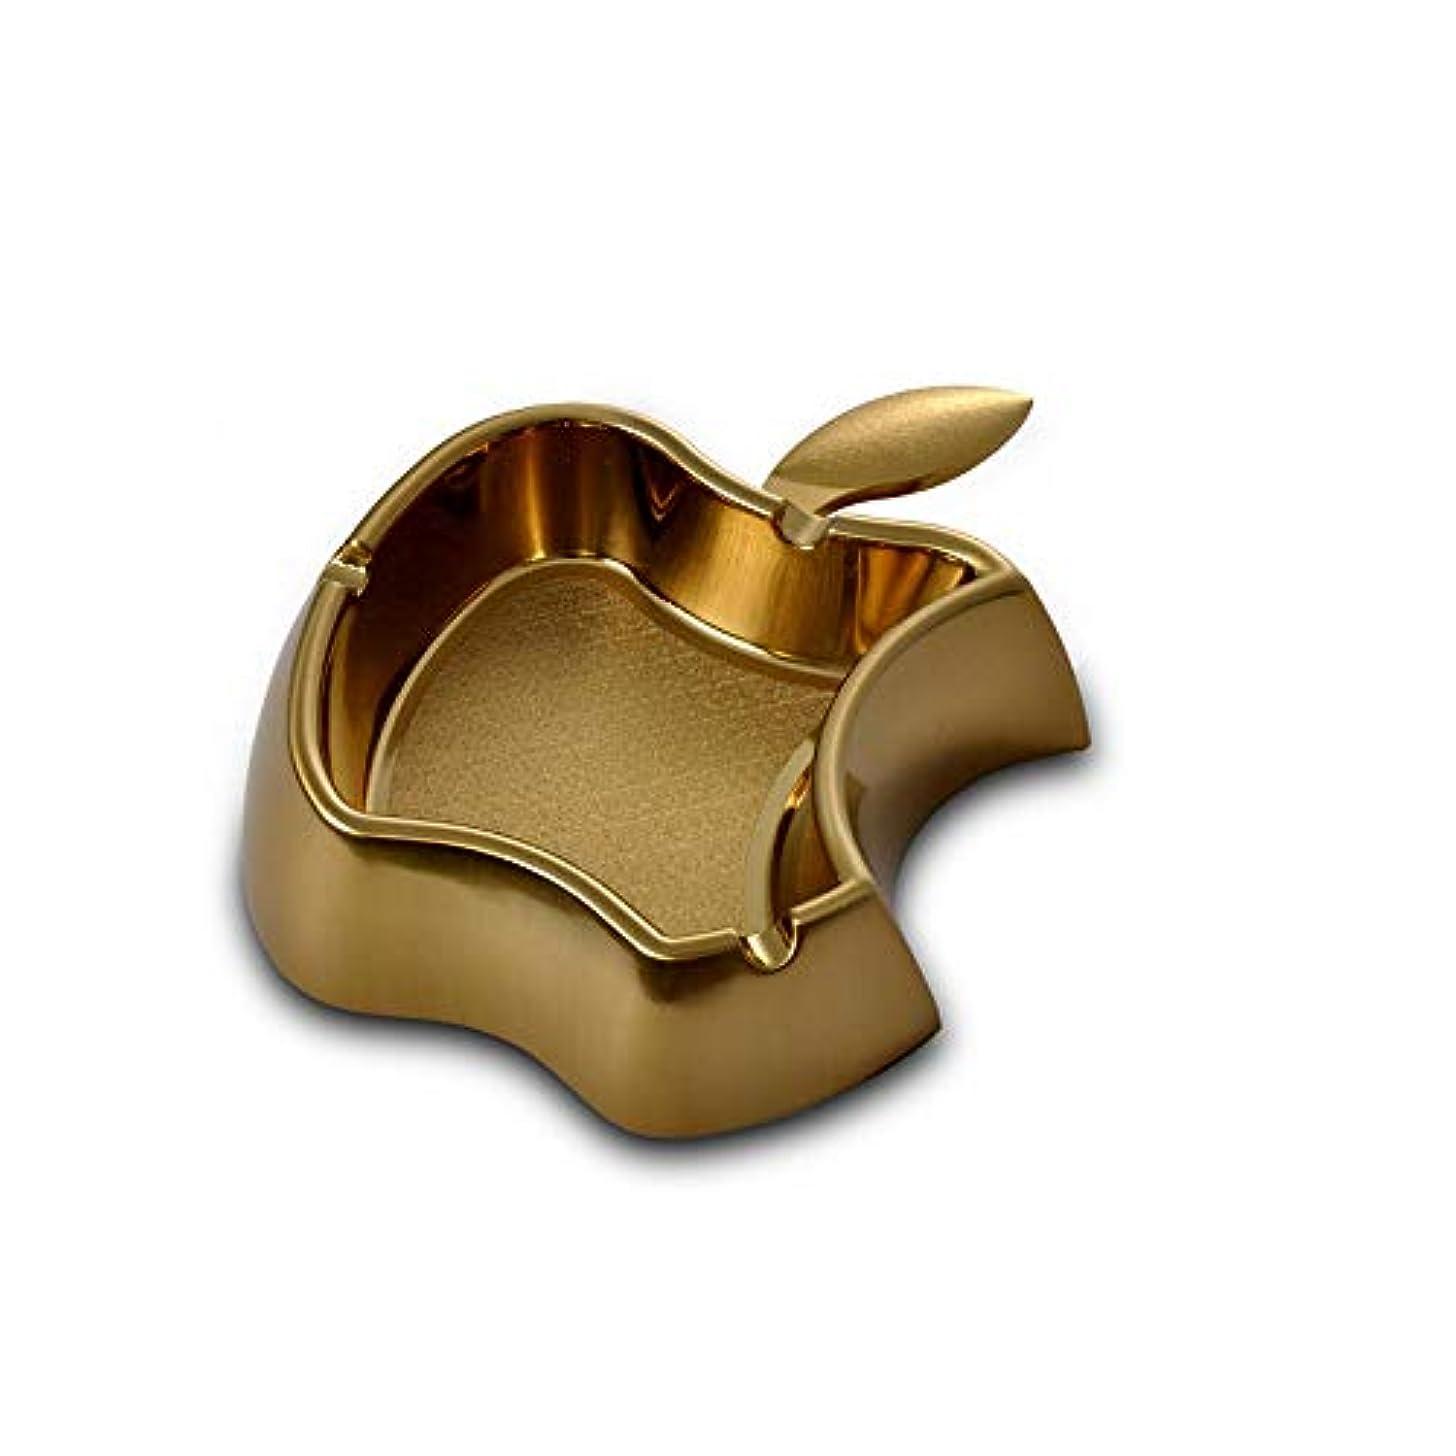 細部組み立てる分解するクリエイティブアップルメタル灰皿シンプルな灰皿耐火ドロップ灰皿 (色 : ゴールド)